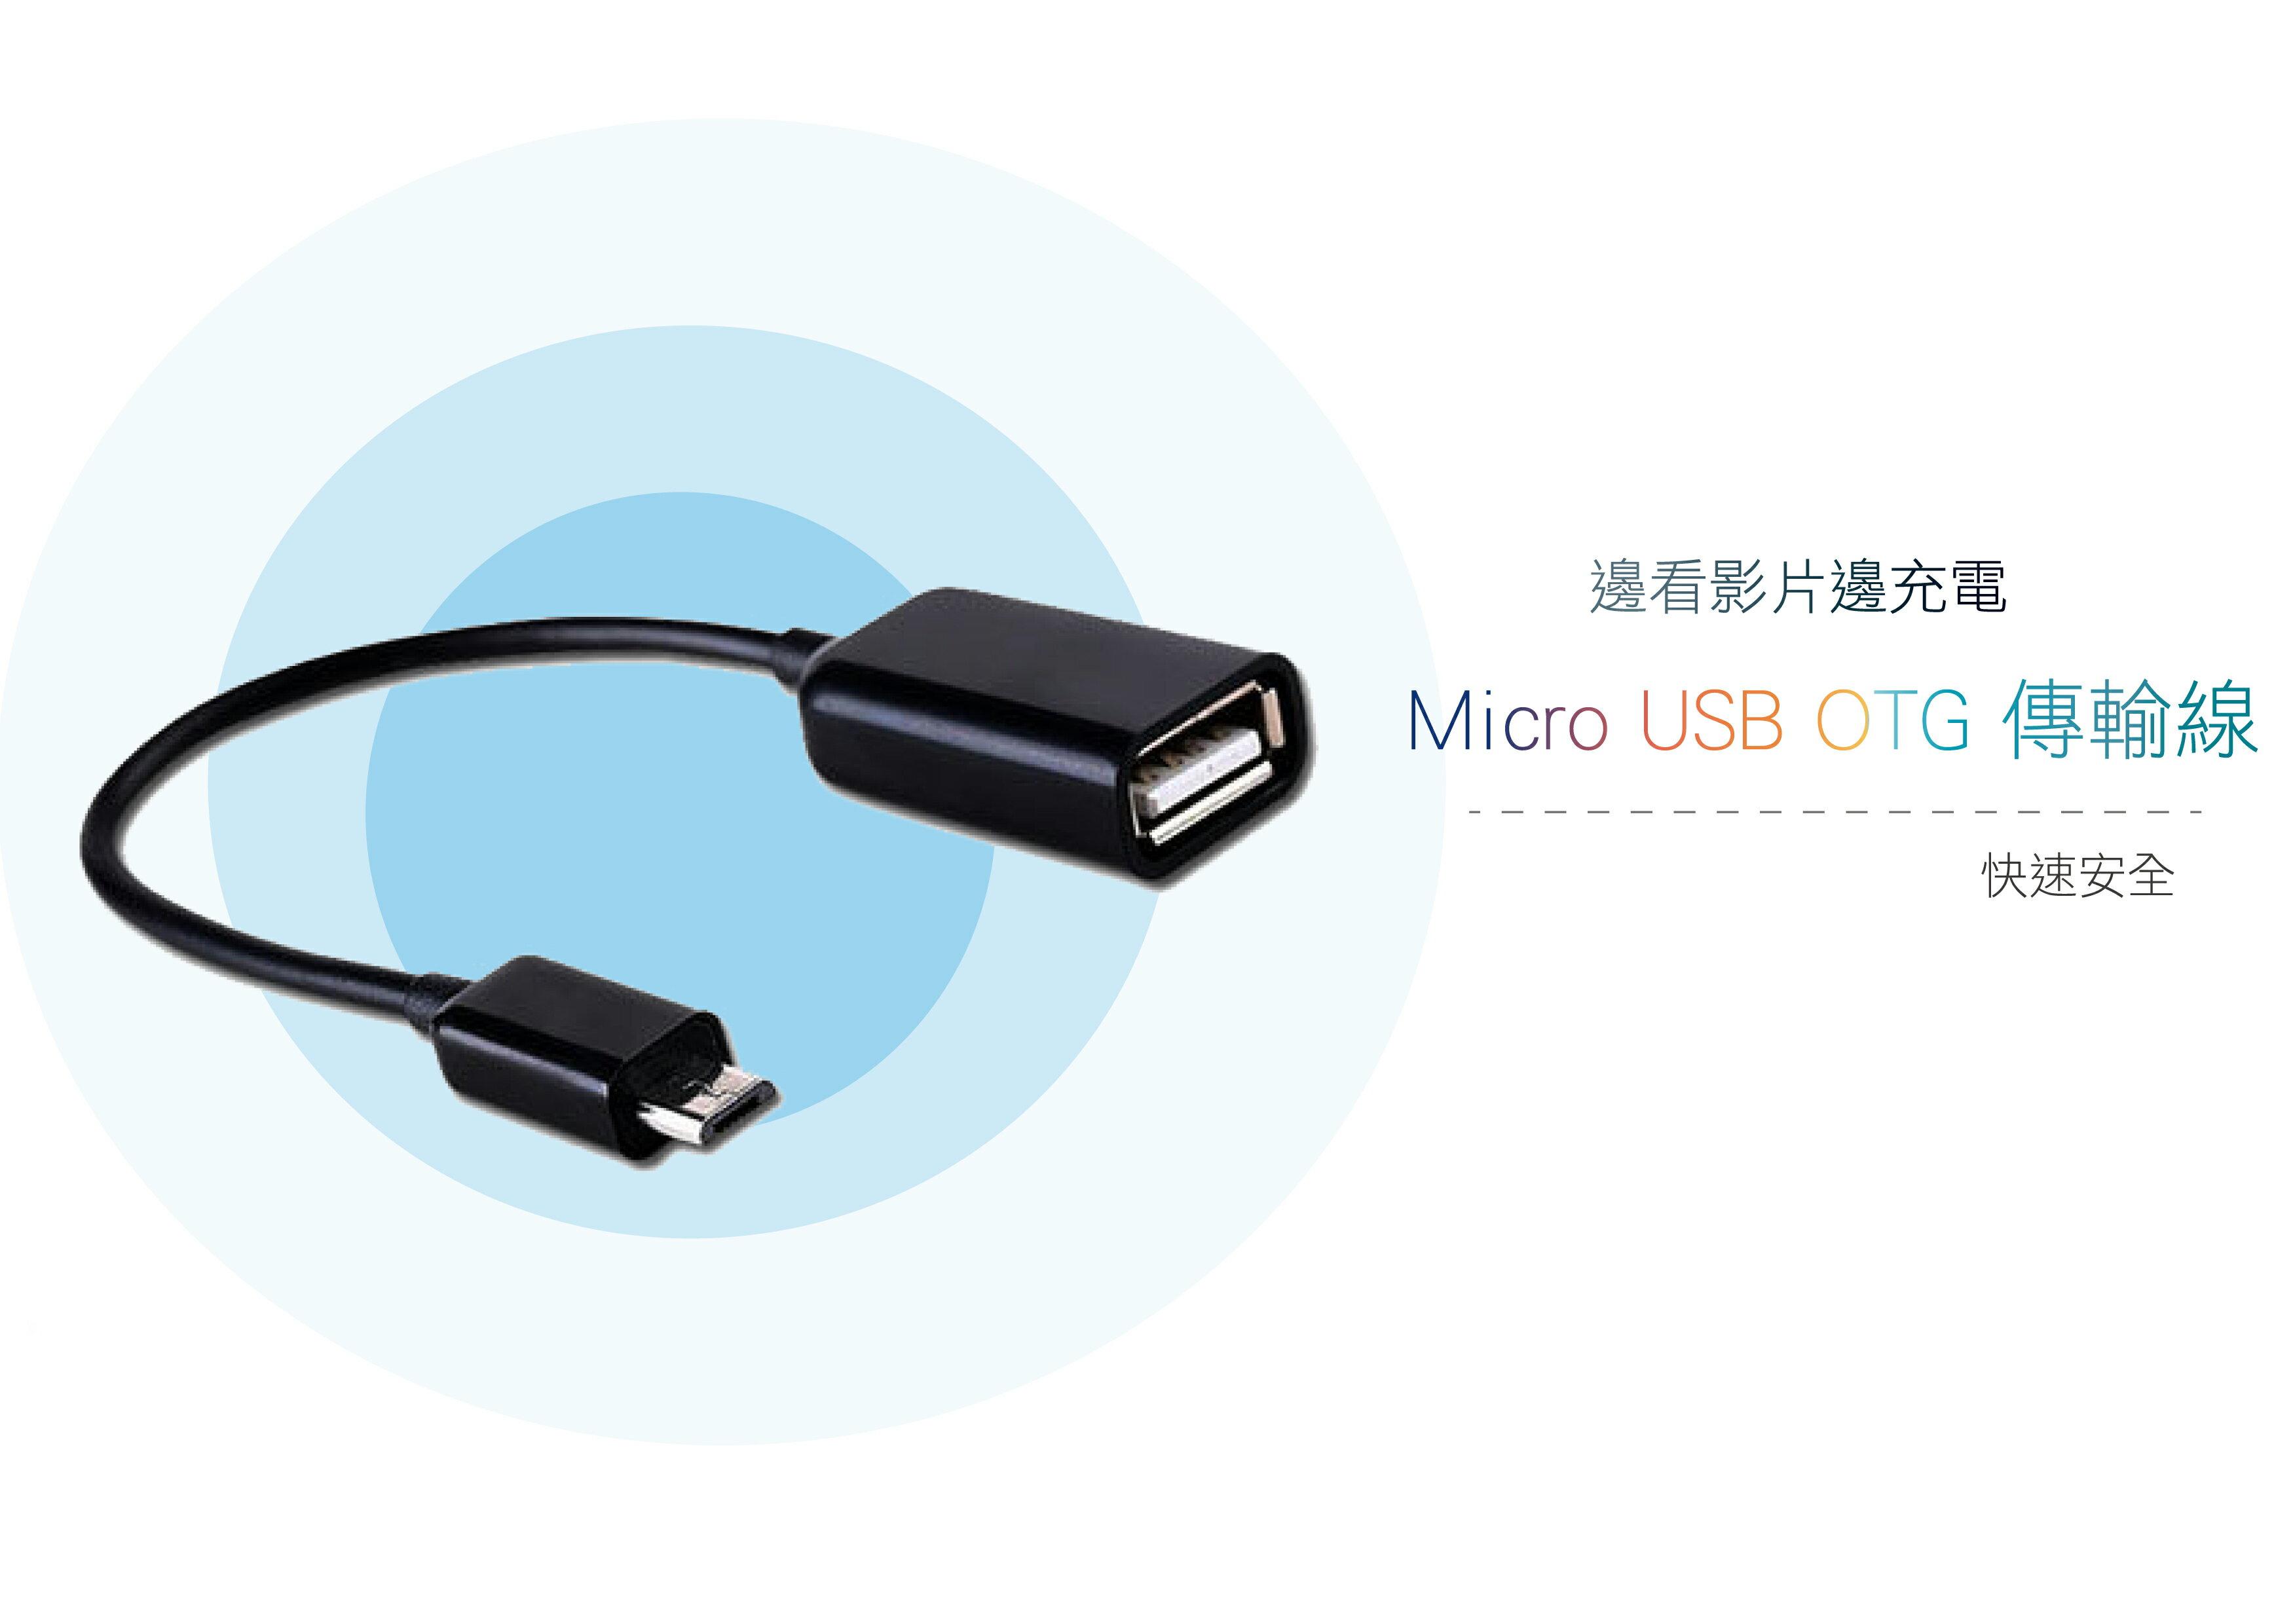 智能 Micro USB OTG 傳輸線 連接手機 滑鼠 鍵盤 隨身碟 安卓可用 HTC Samsung SONY